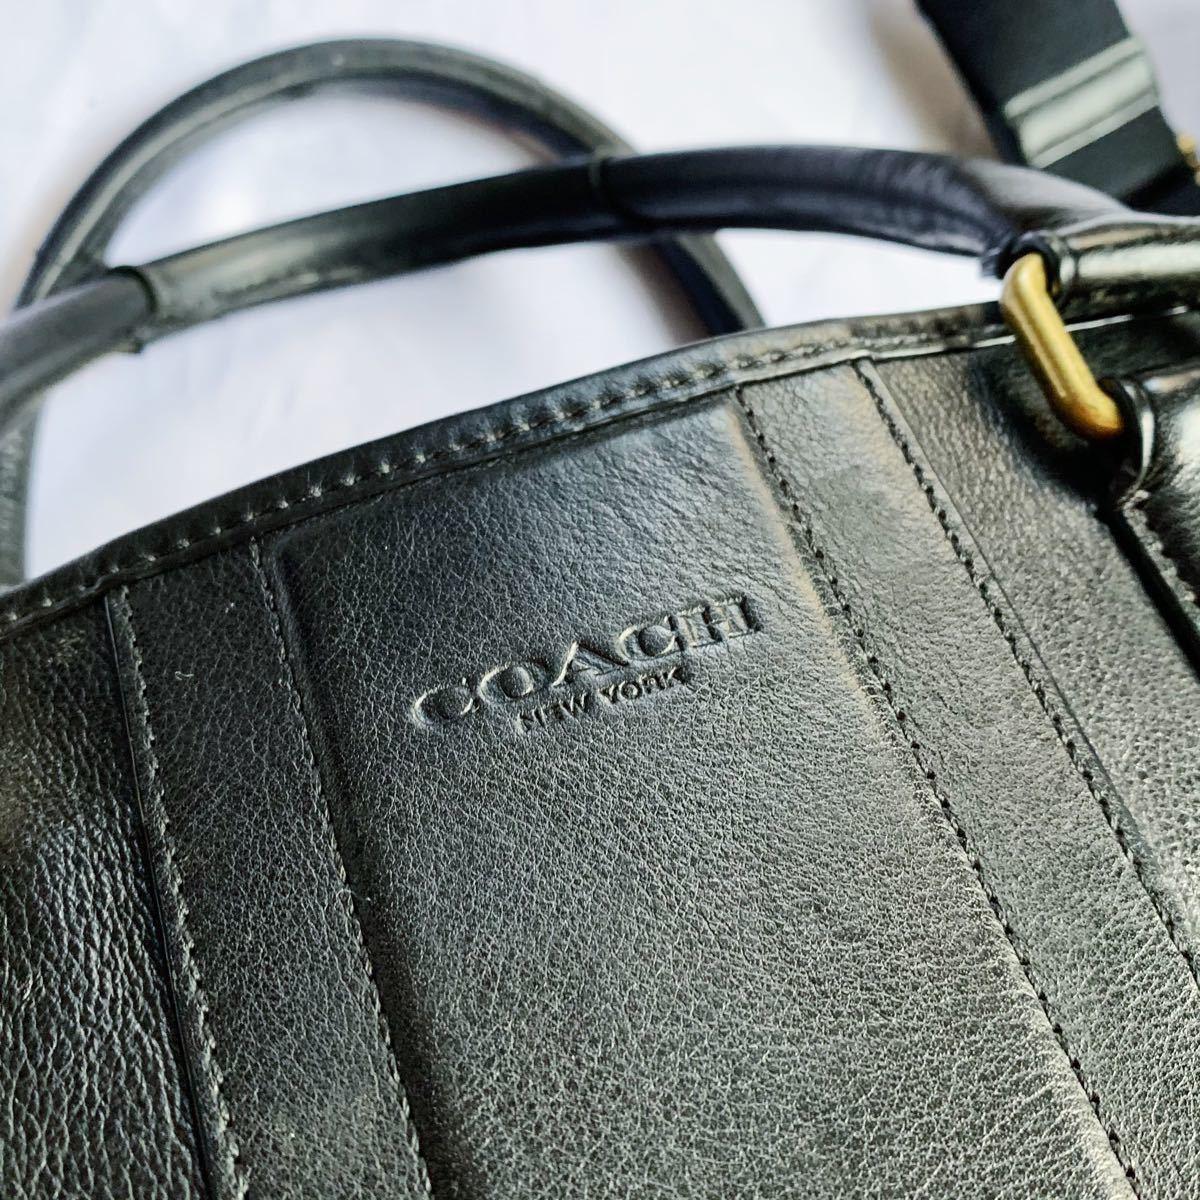 高品質 COACH ビジネスバッグ ブリーフケース  2way ショルダーバッグ 本革 ブラック